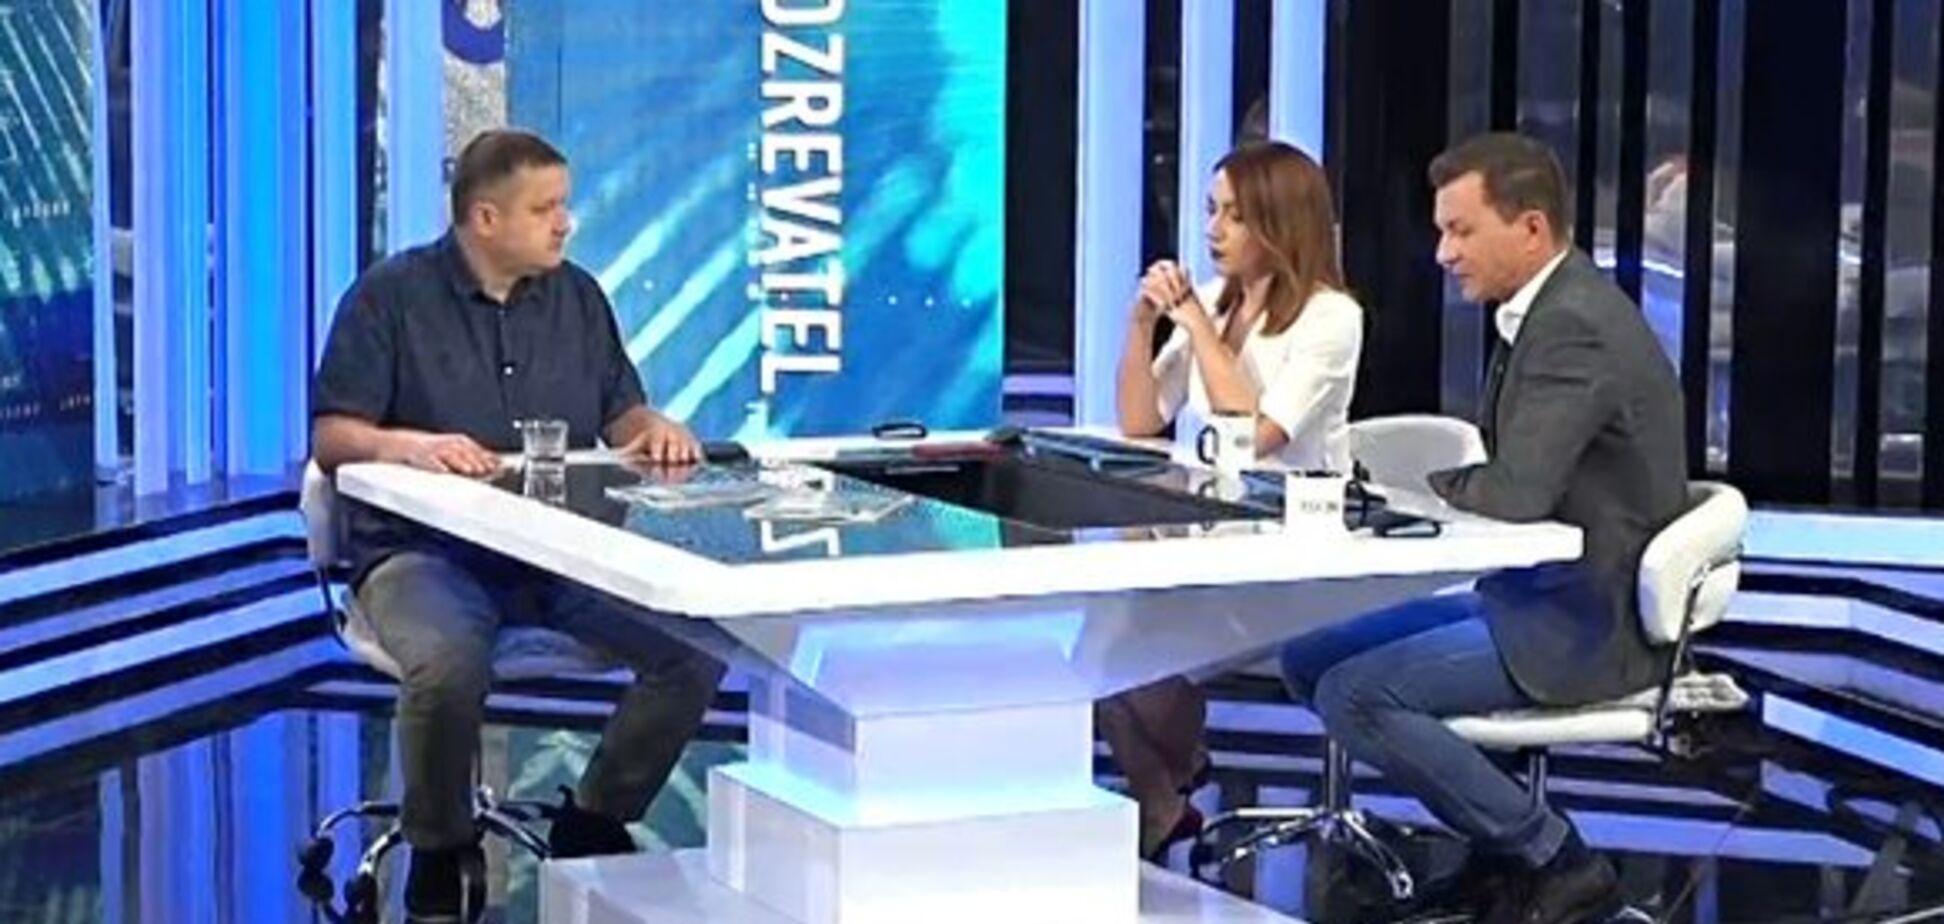 Скандали або дискусії: експерт дав політичний прогноз на останній тиждень перед виборами